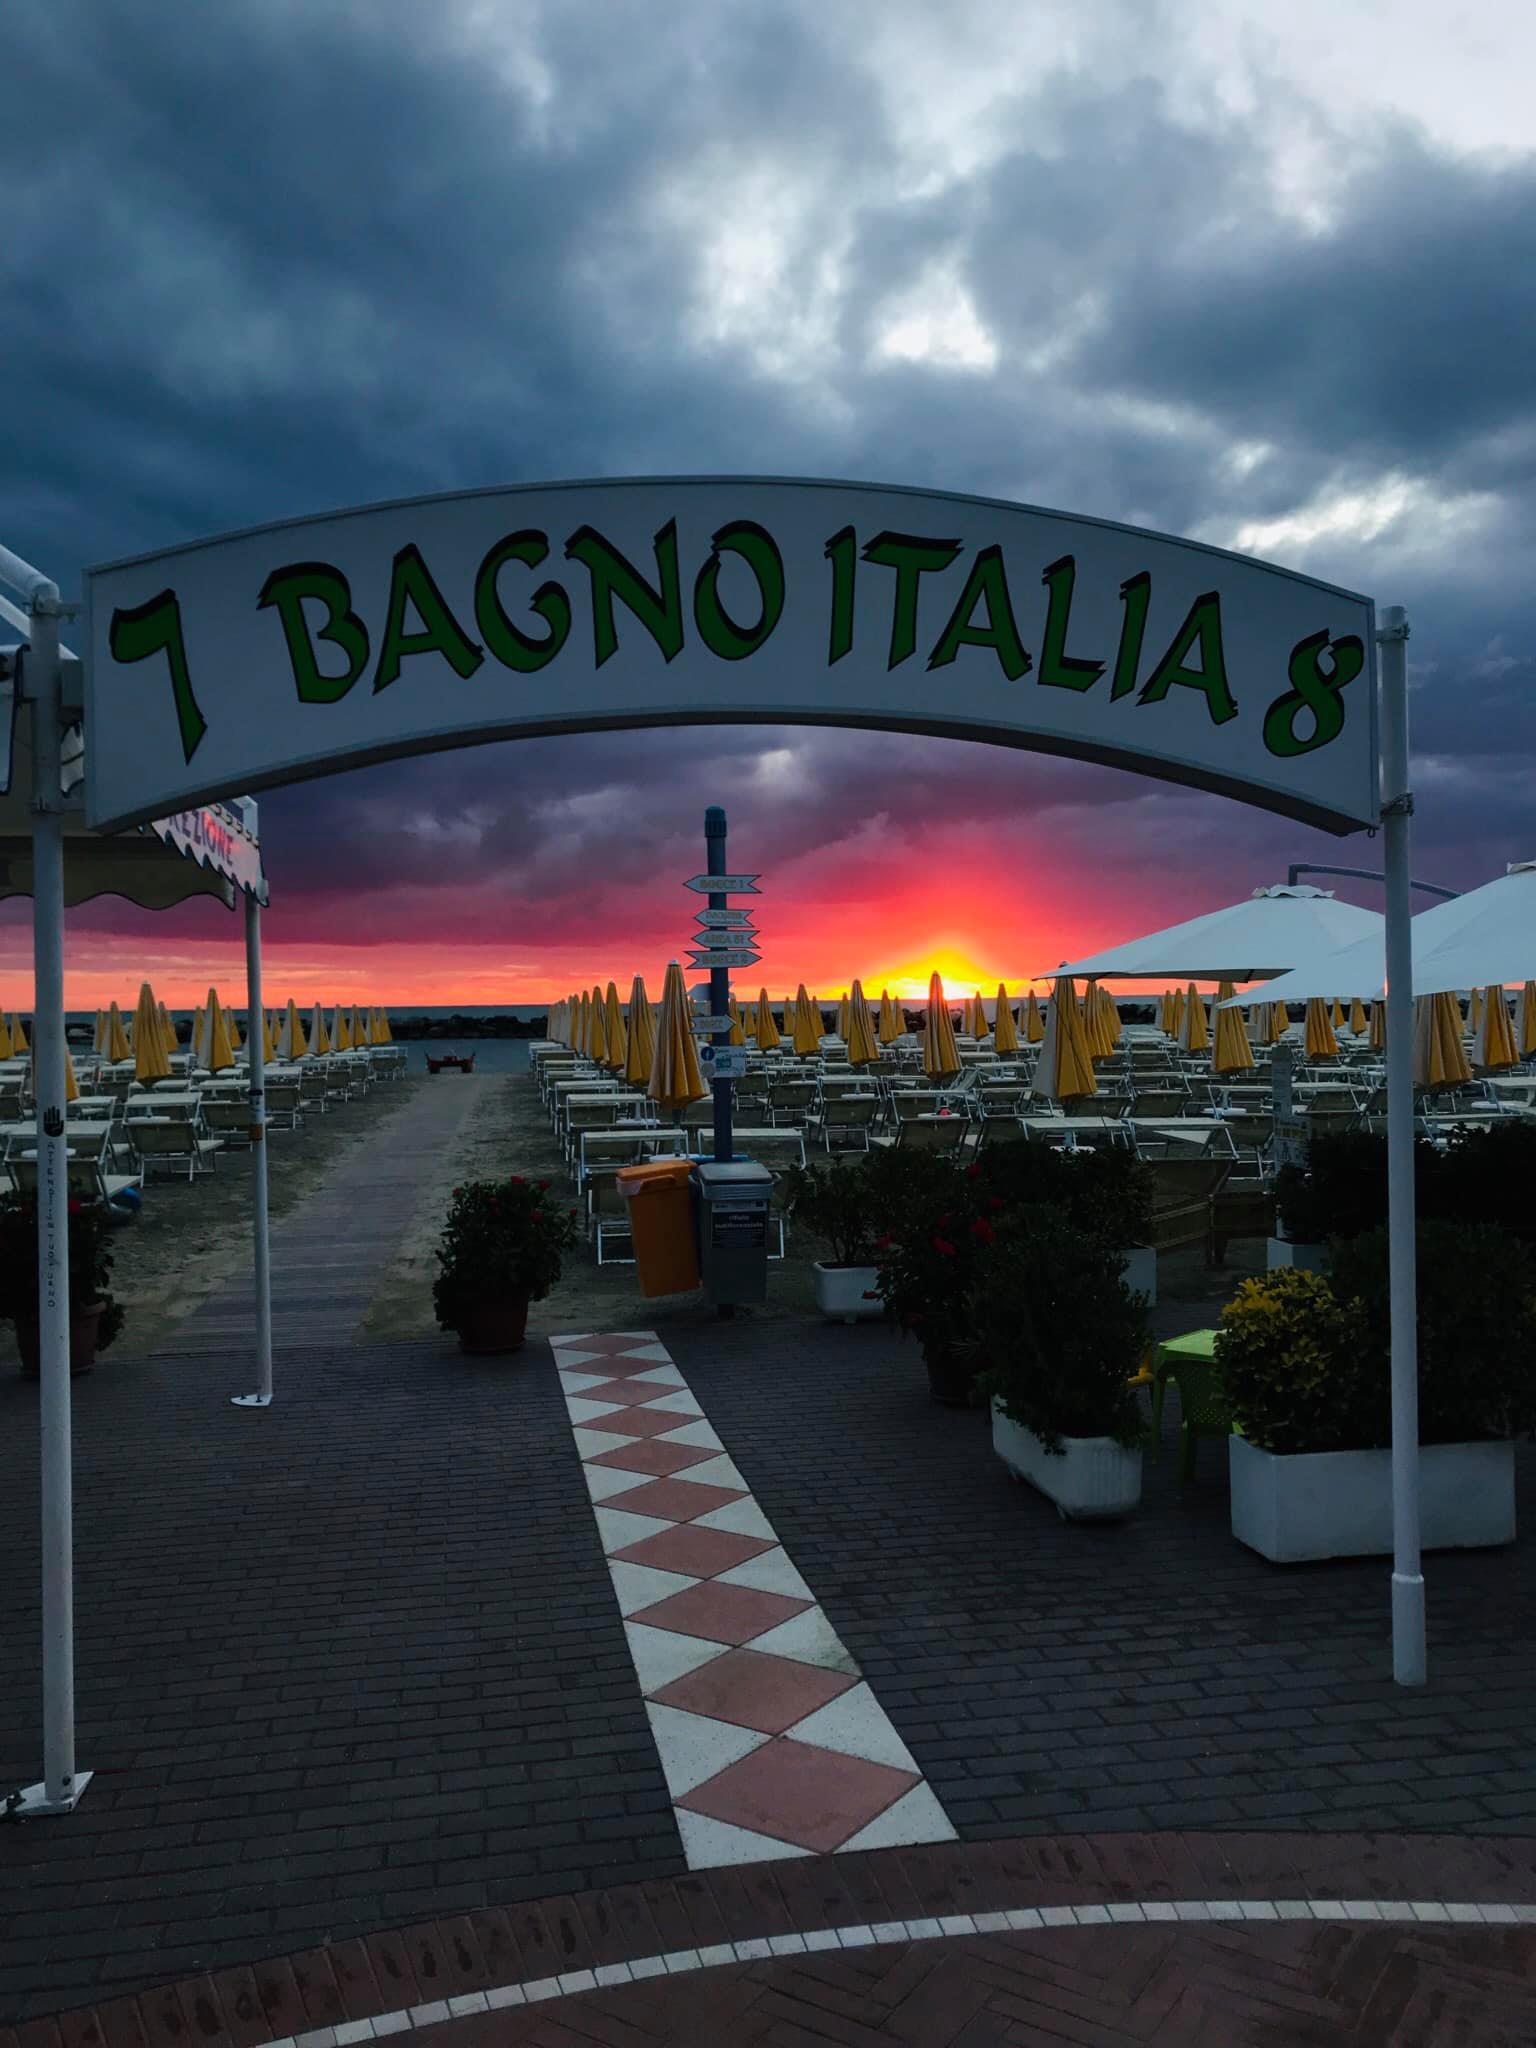 Bagno 7 8 Italia